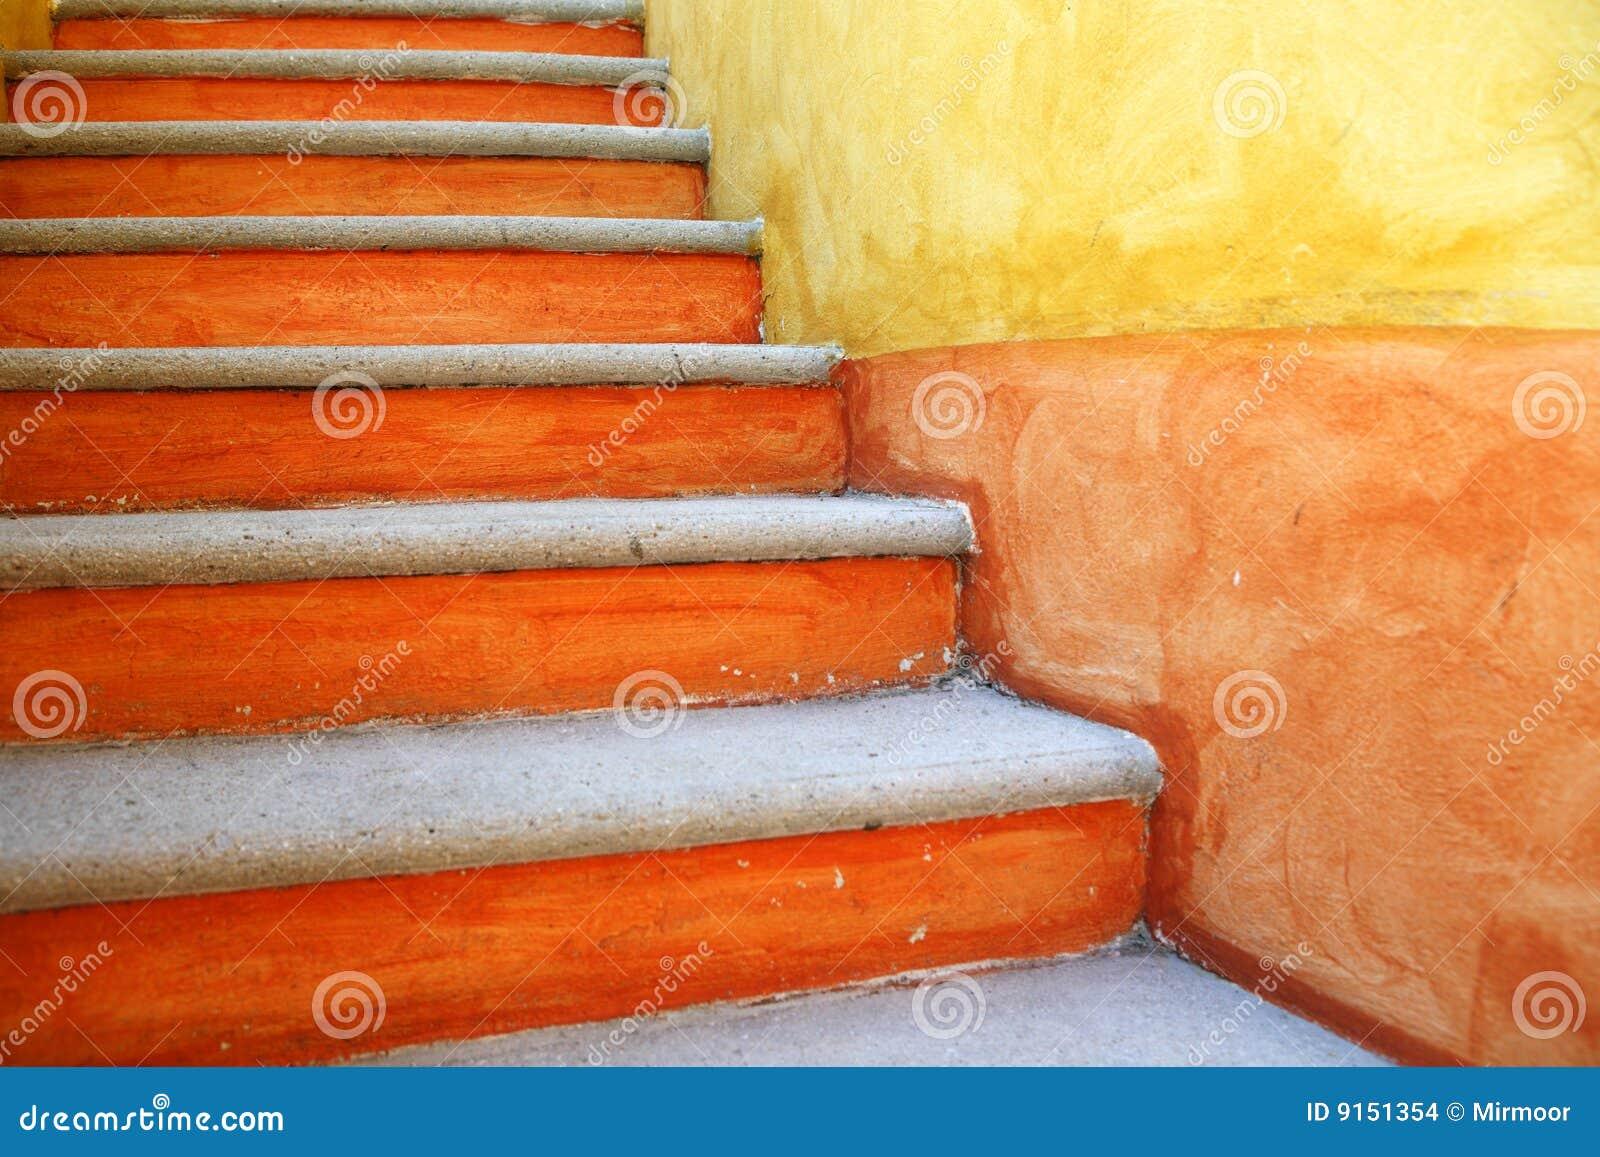 Escaleras al aire libre imagenes de archivo imagen 9151354 - Escaleras al aire ...